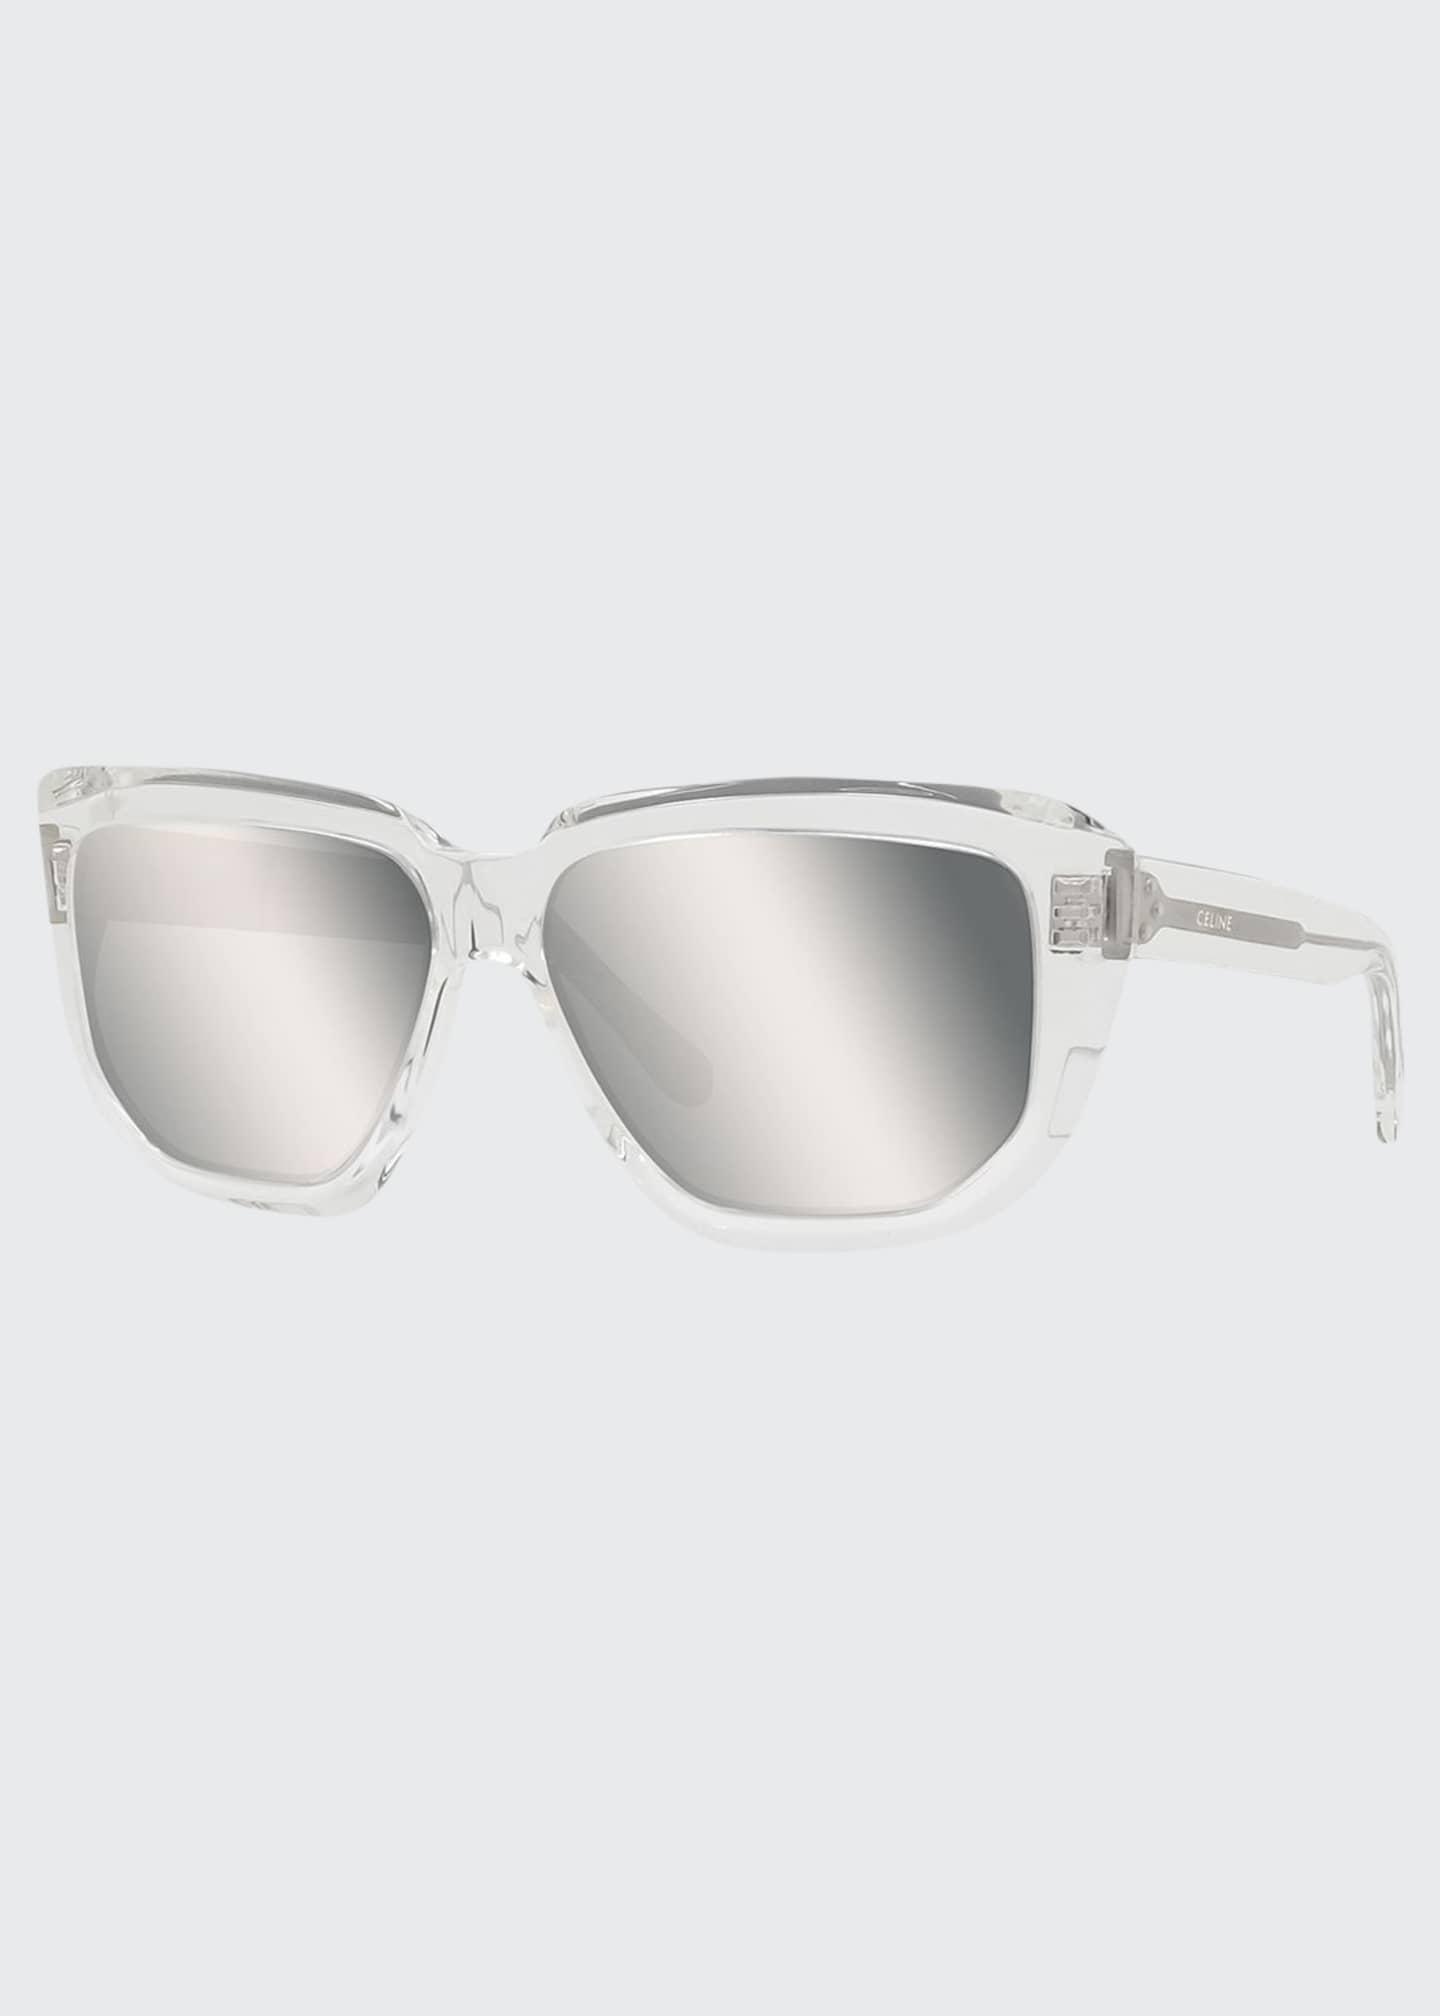 Celine Men's Mirrored Square Transparent Acetate Sunglasses